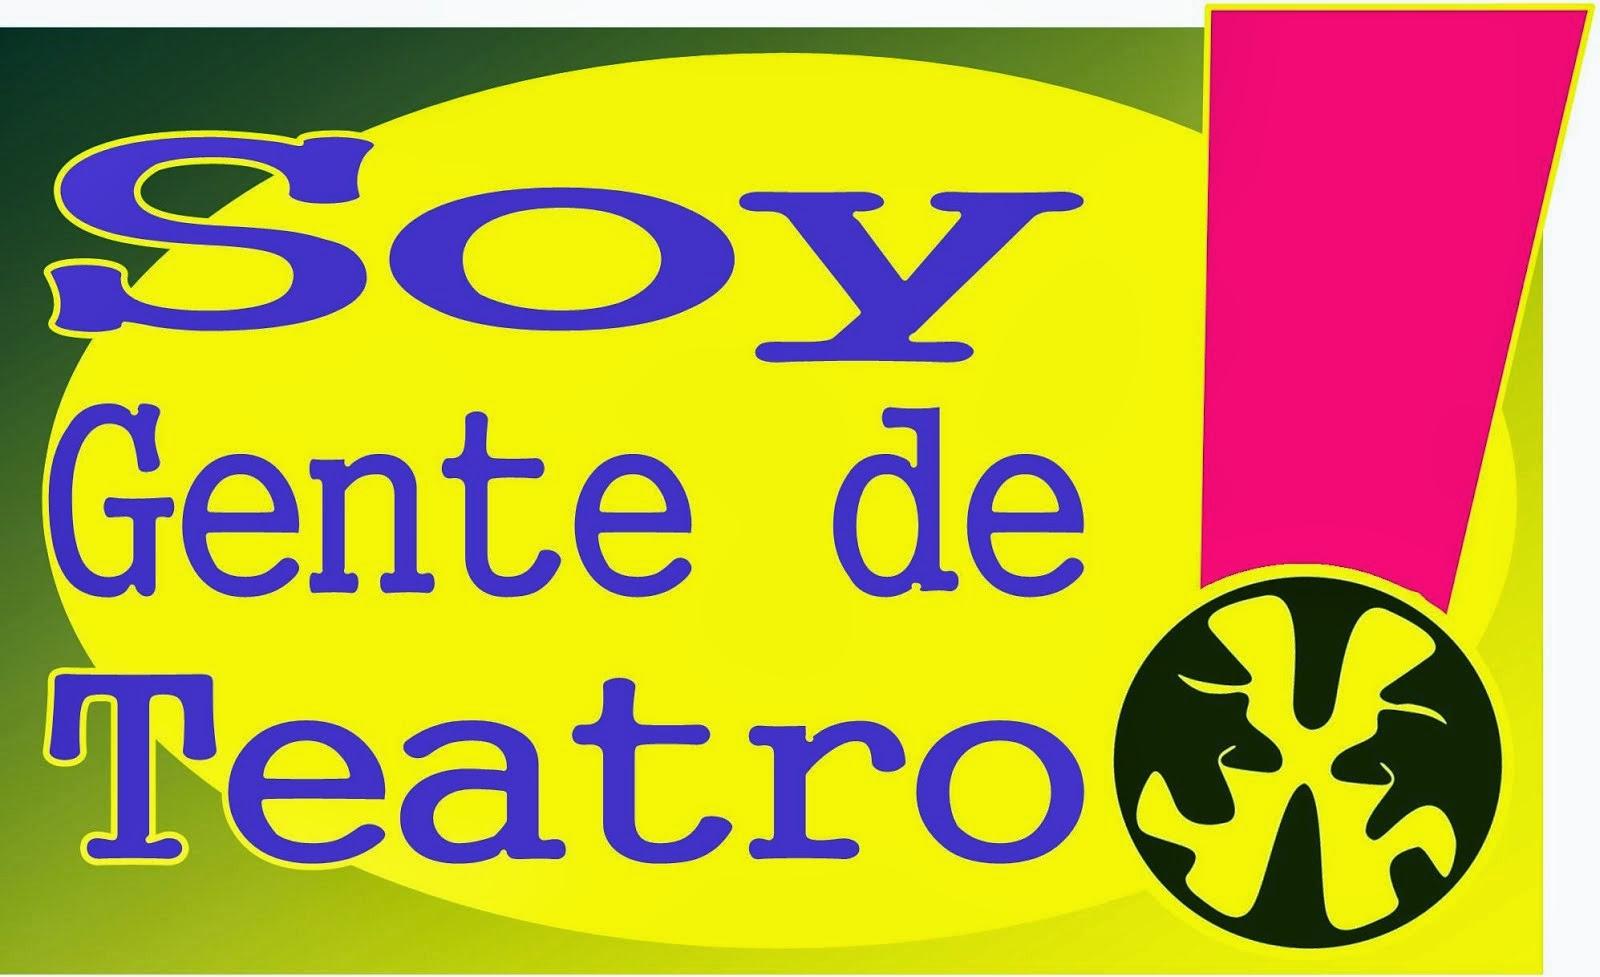 Soy Gente de Teatro!